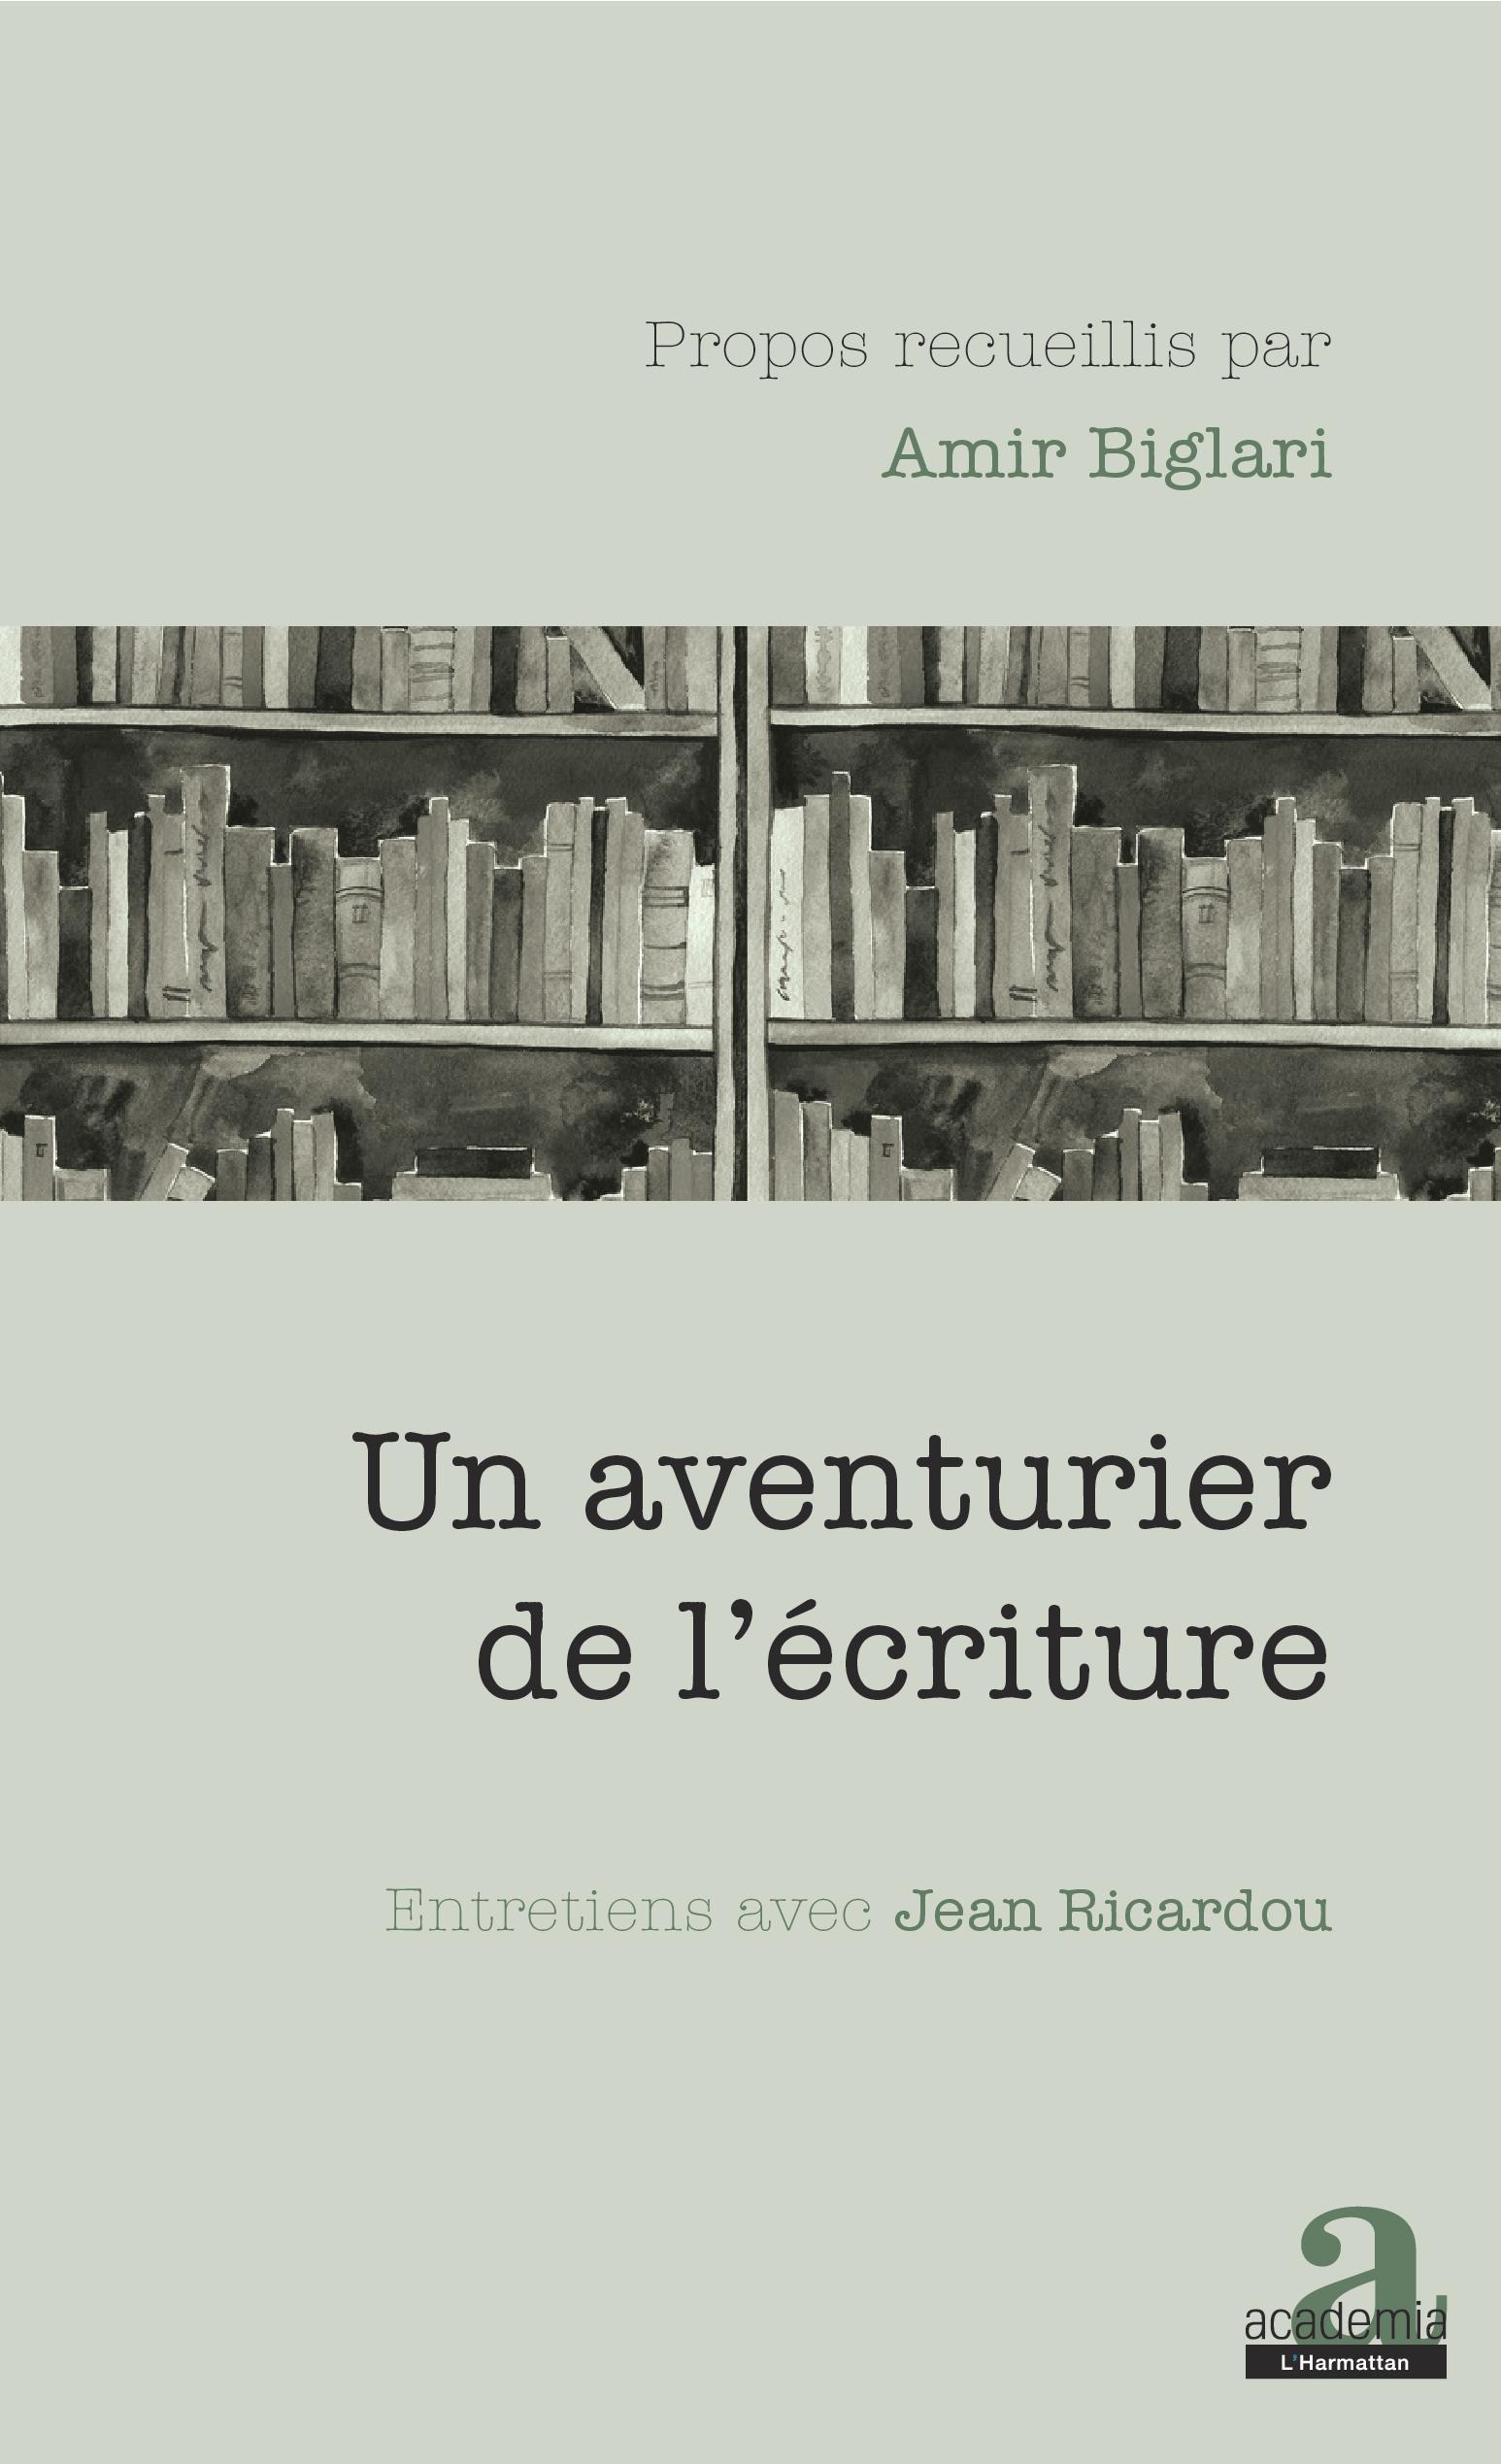 A. Biglari, Un aventurier de l'écriture. Entretiens avec Jean Ricardou